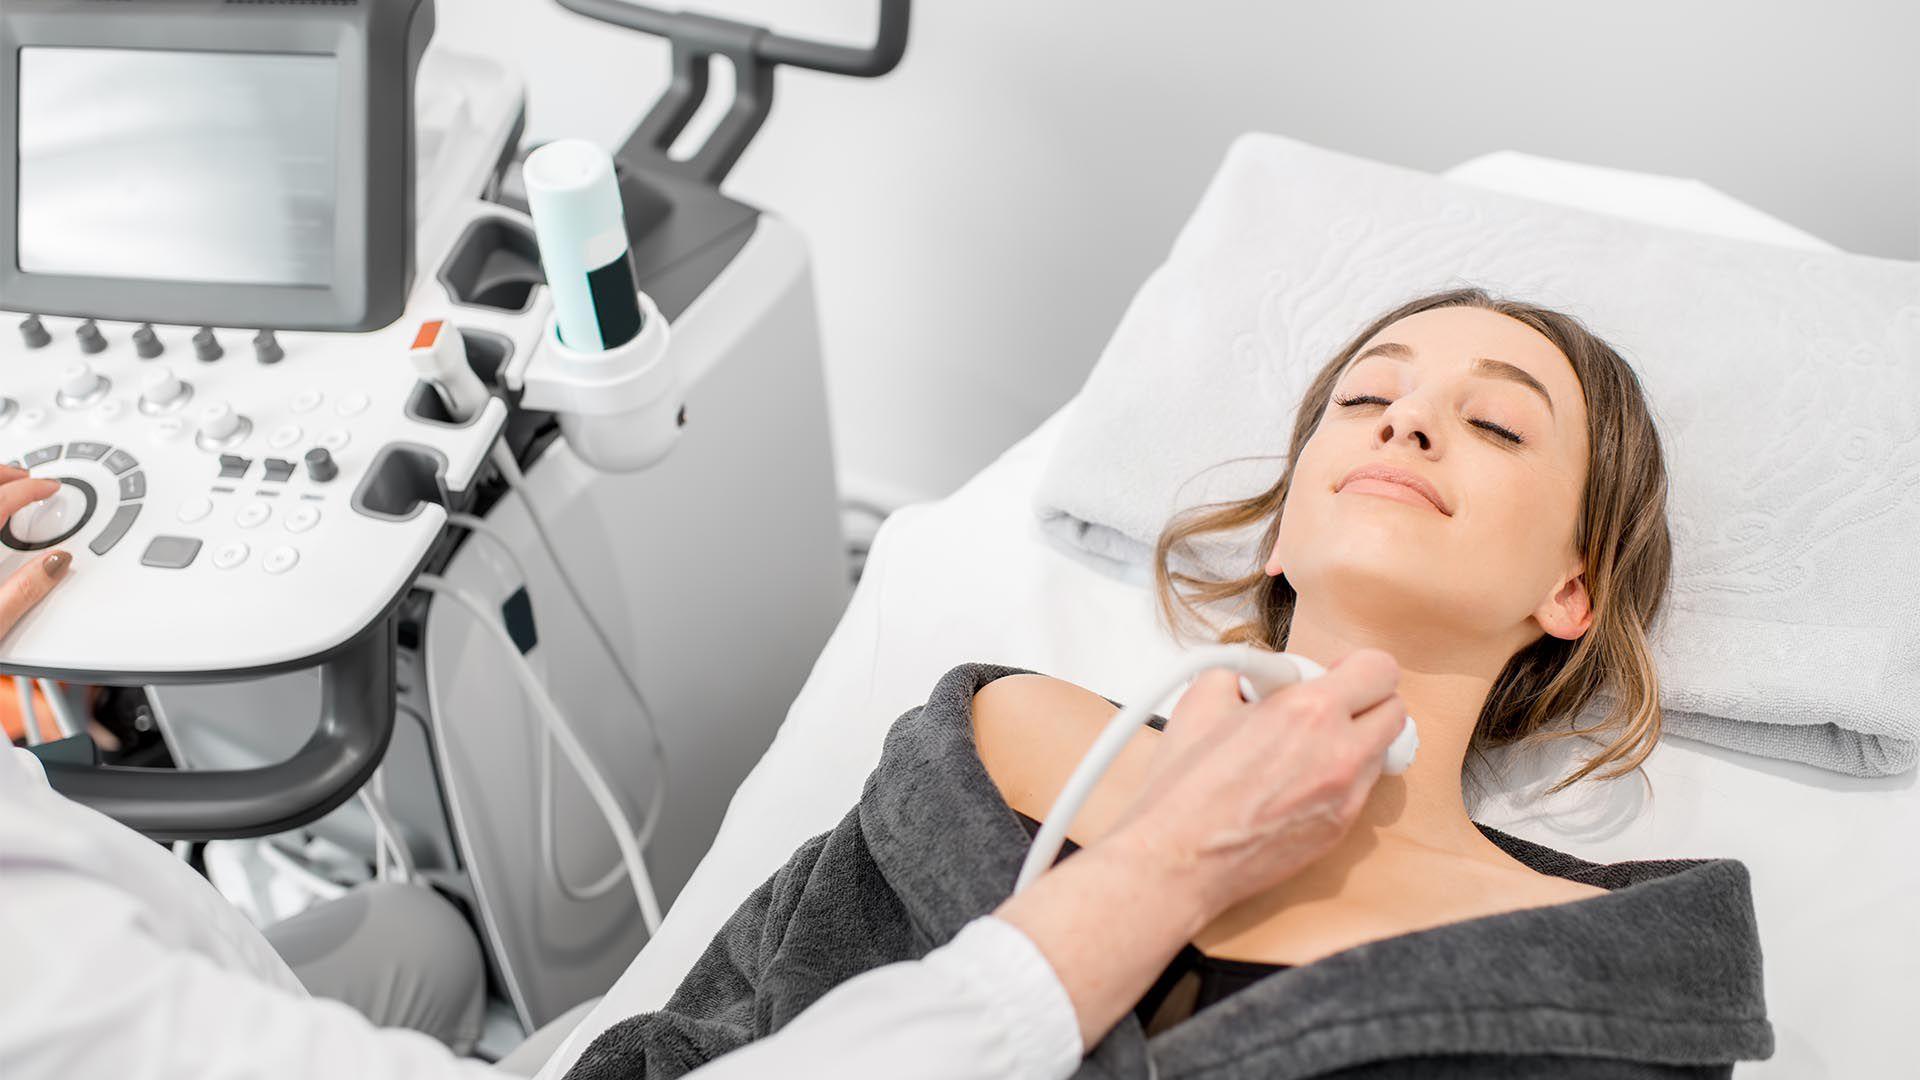 El antecedente familiar de cáncer de tiroides aumenta la posibilidad de padecerlo (Shutterstock)